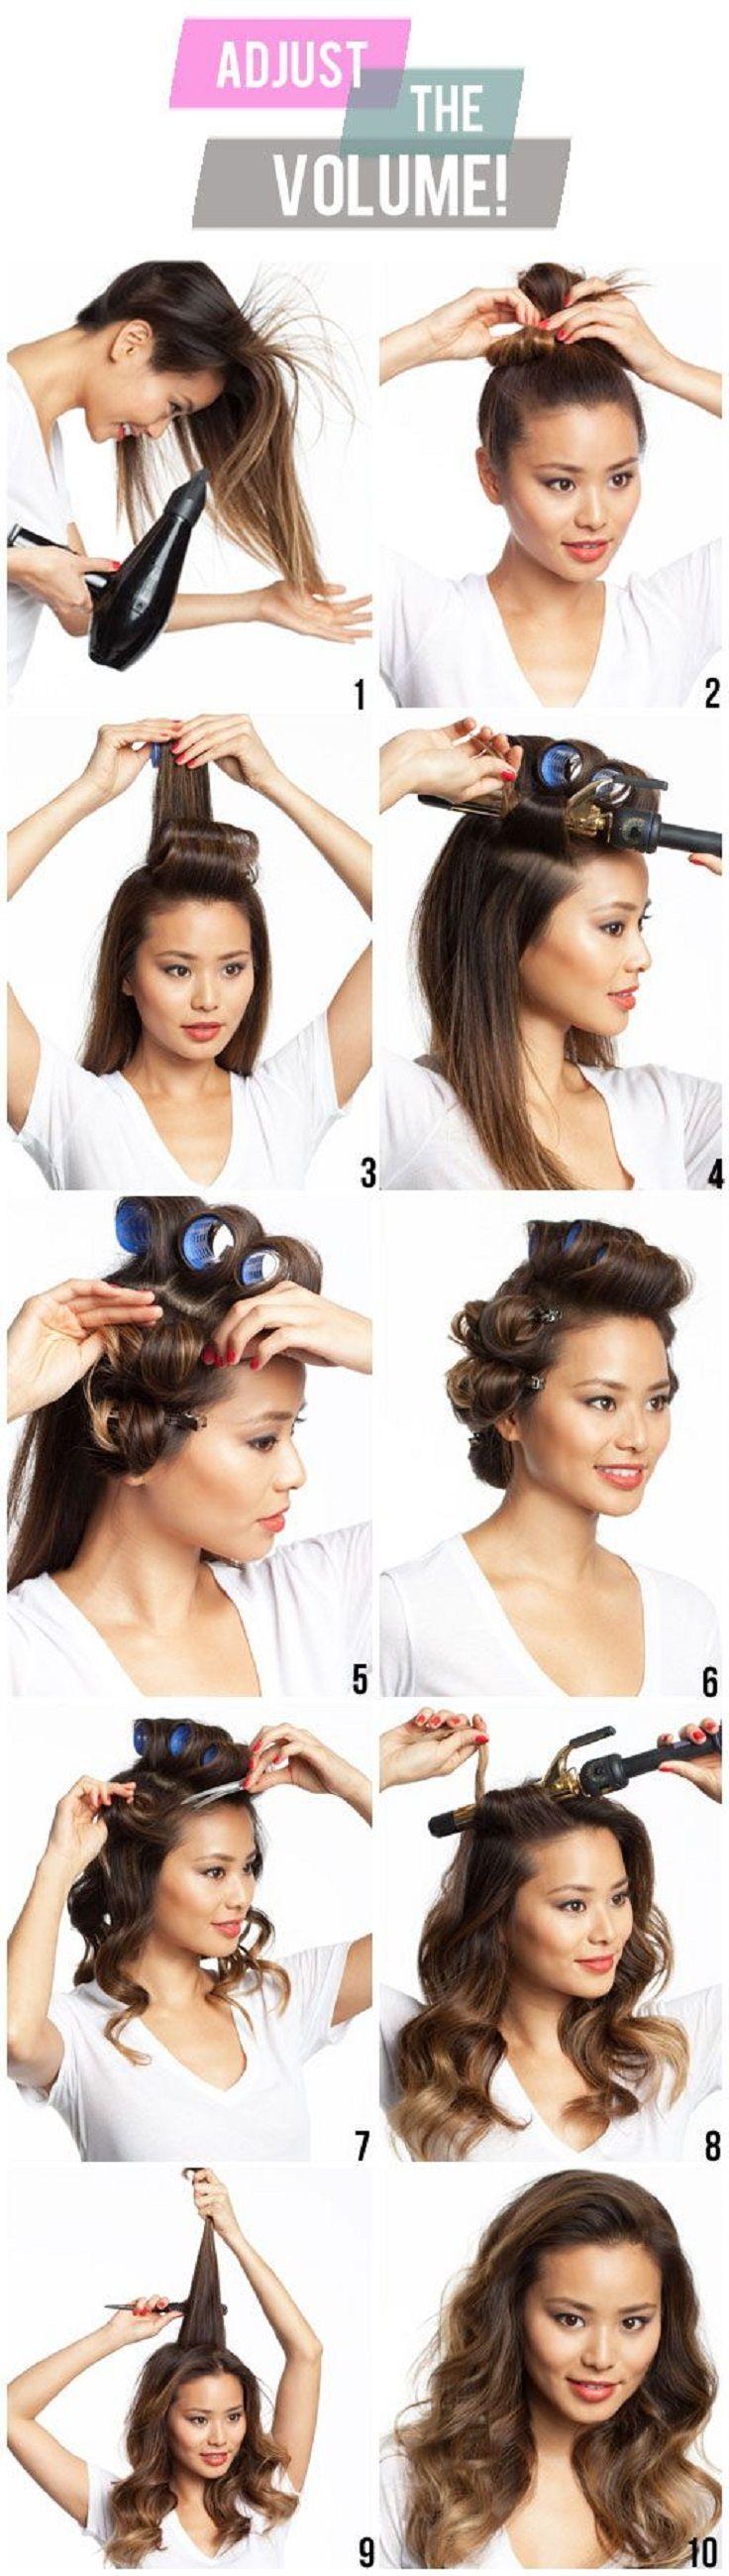 Coucou les filles, Question coiffure on diffuse souvent